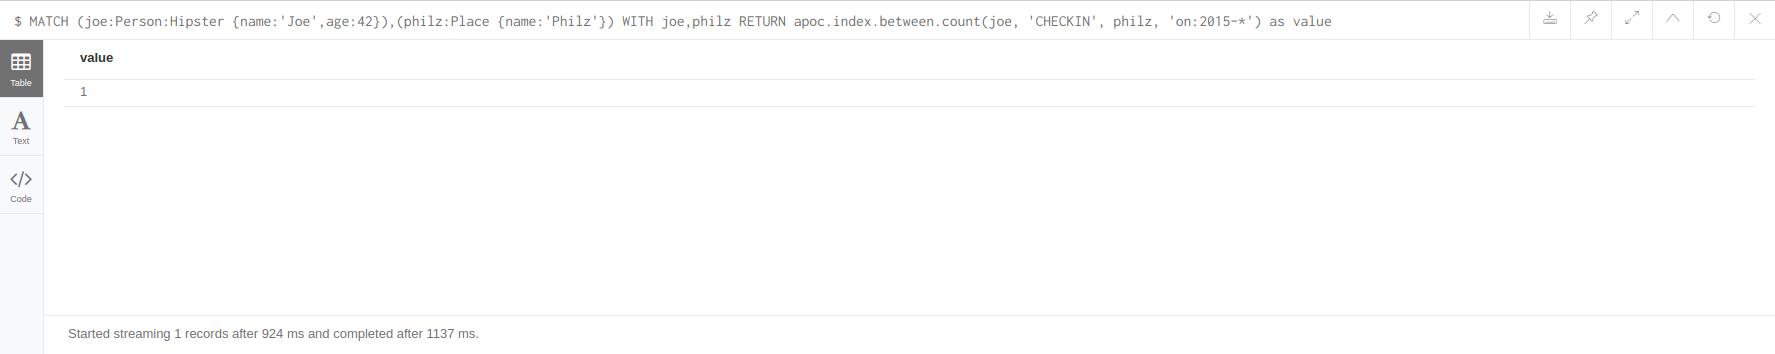 apoc.index.between.count